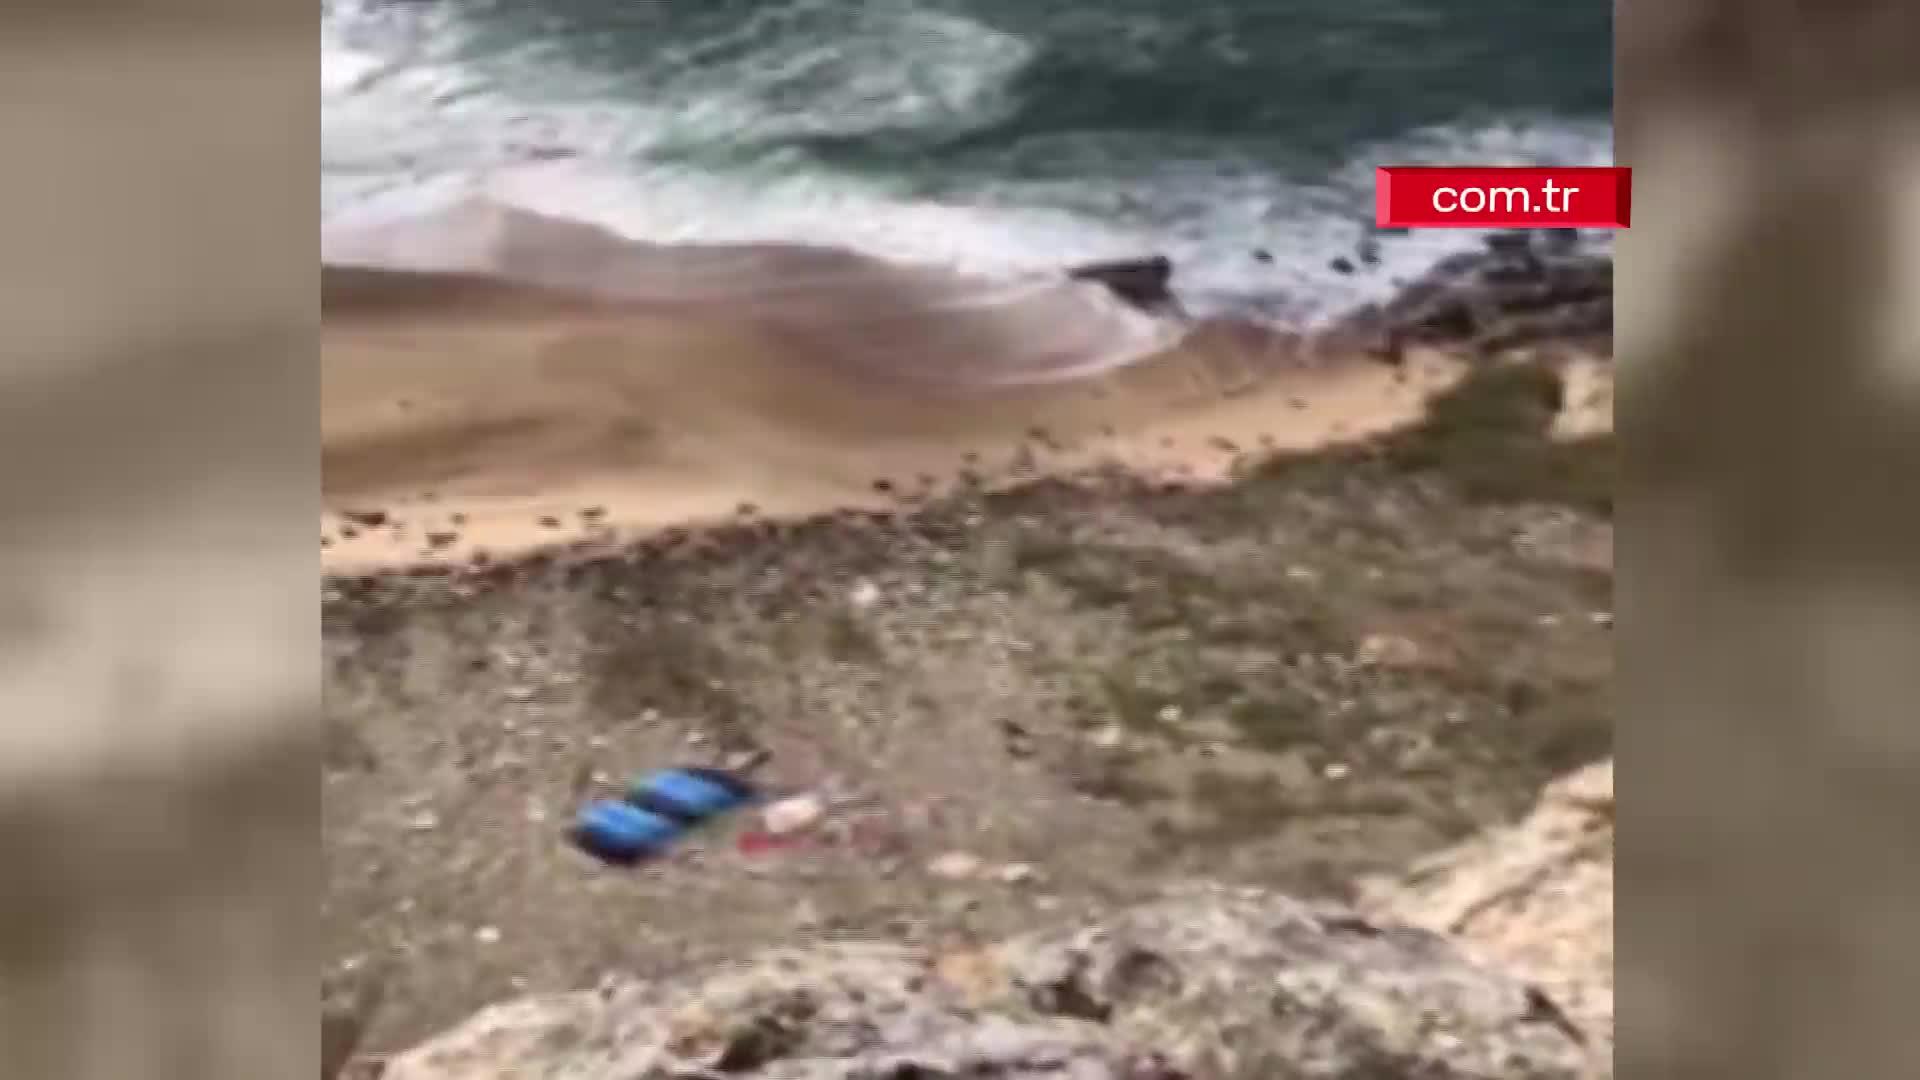 Paraşütü Açılmayan Turist 90 Metreden Yere çakıldı Haber Takvim